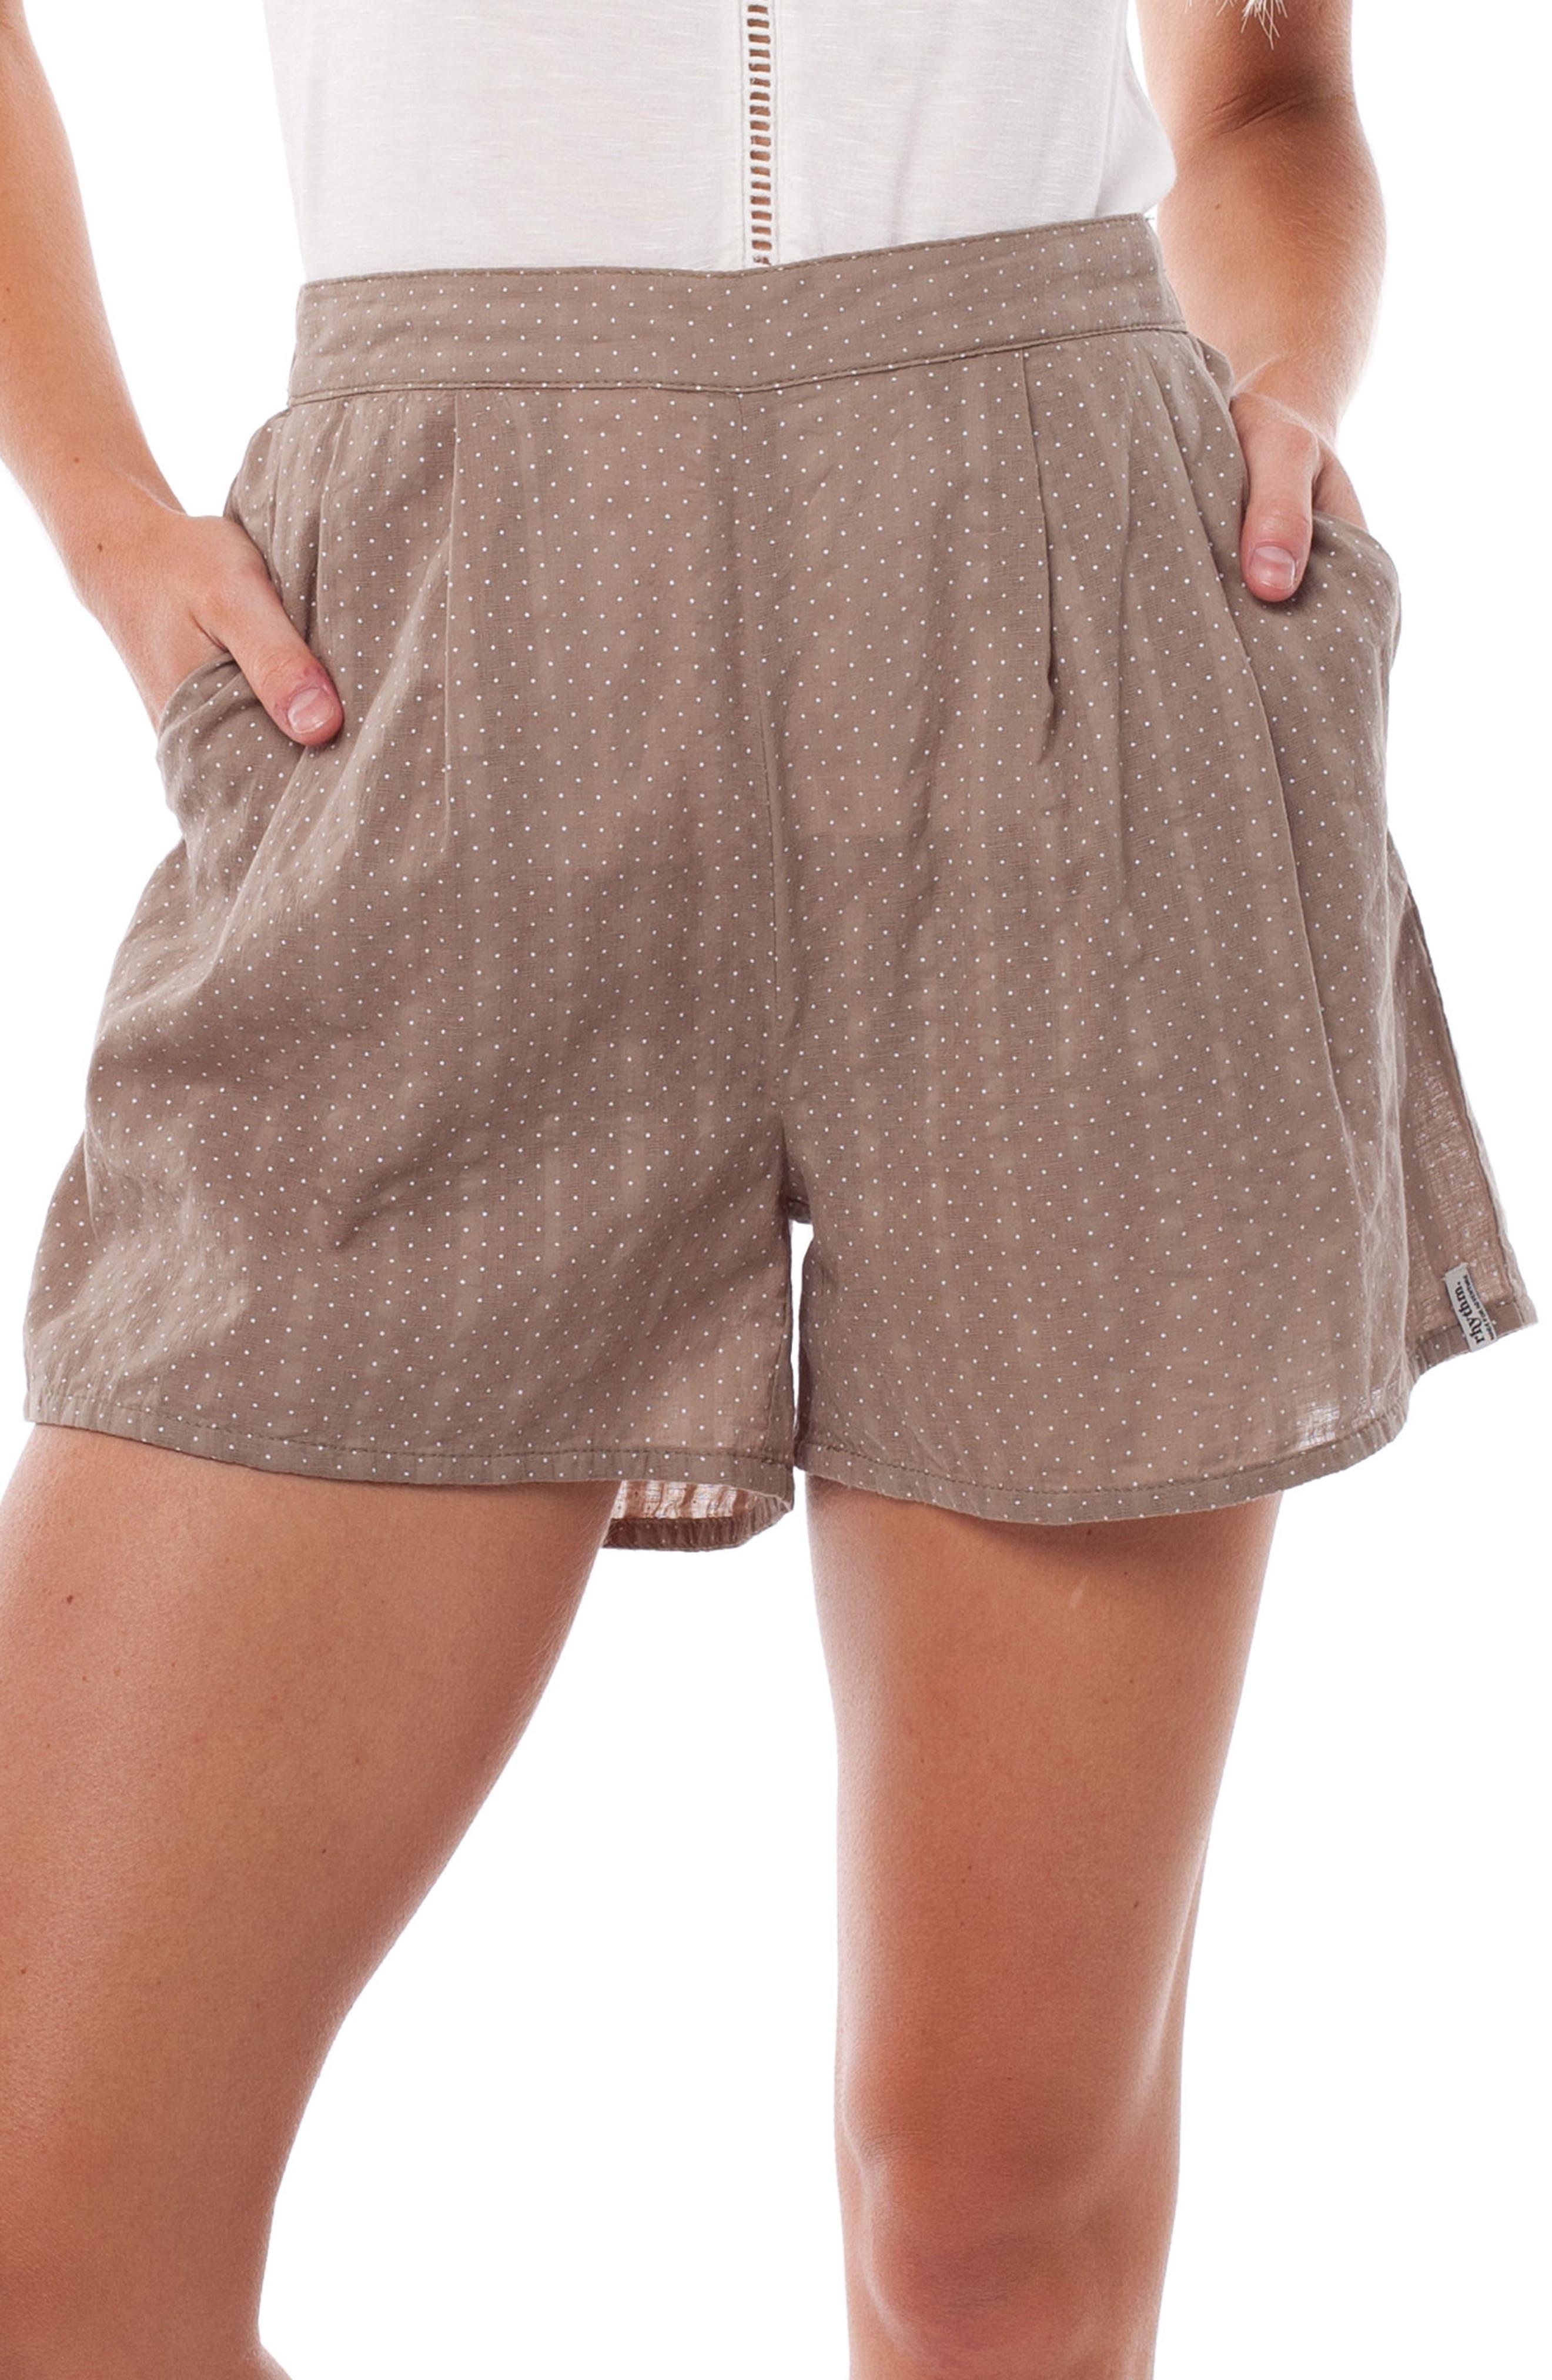 Messina Cover-Up Shorts,                             Main thumbnail 1, color,                             230